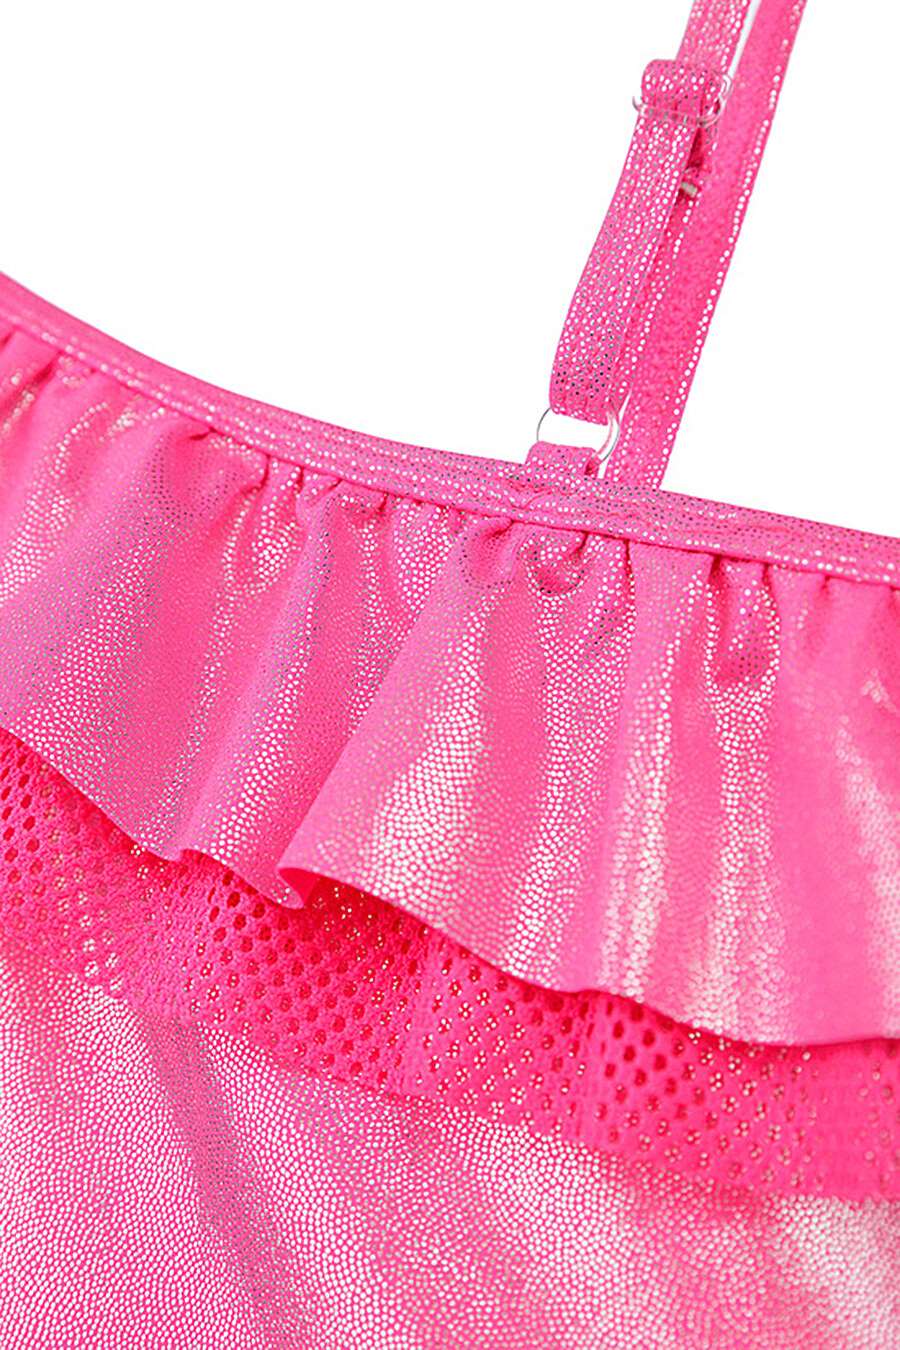 Купальник для девочек PLAYTODAY 649461 купить оптом от производителя. Совместная покупка детской одежды в OptMoyo